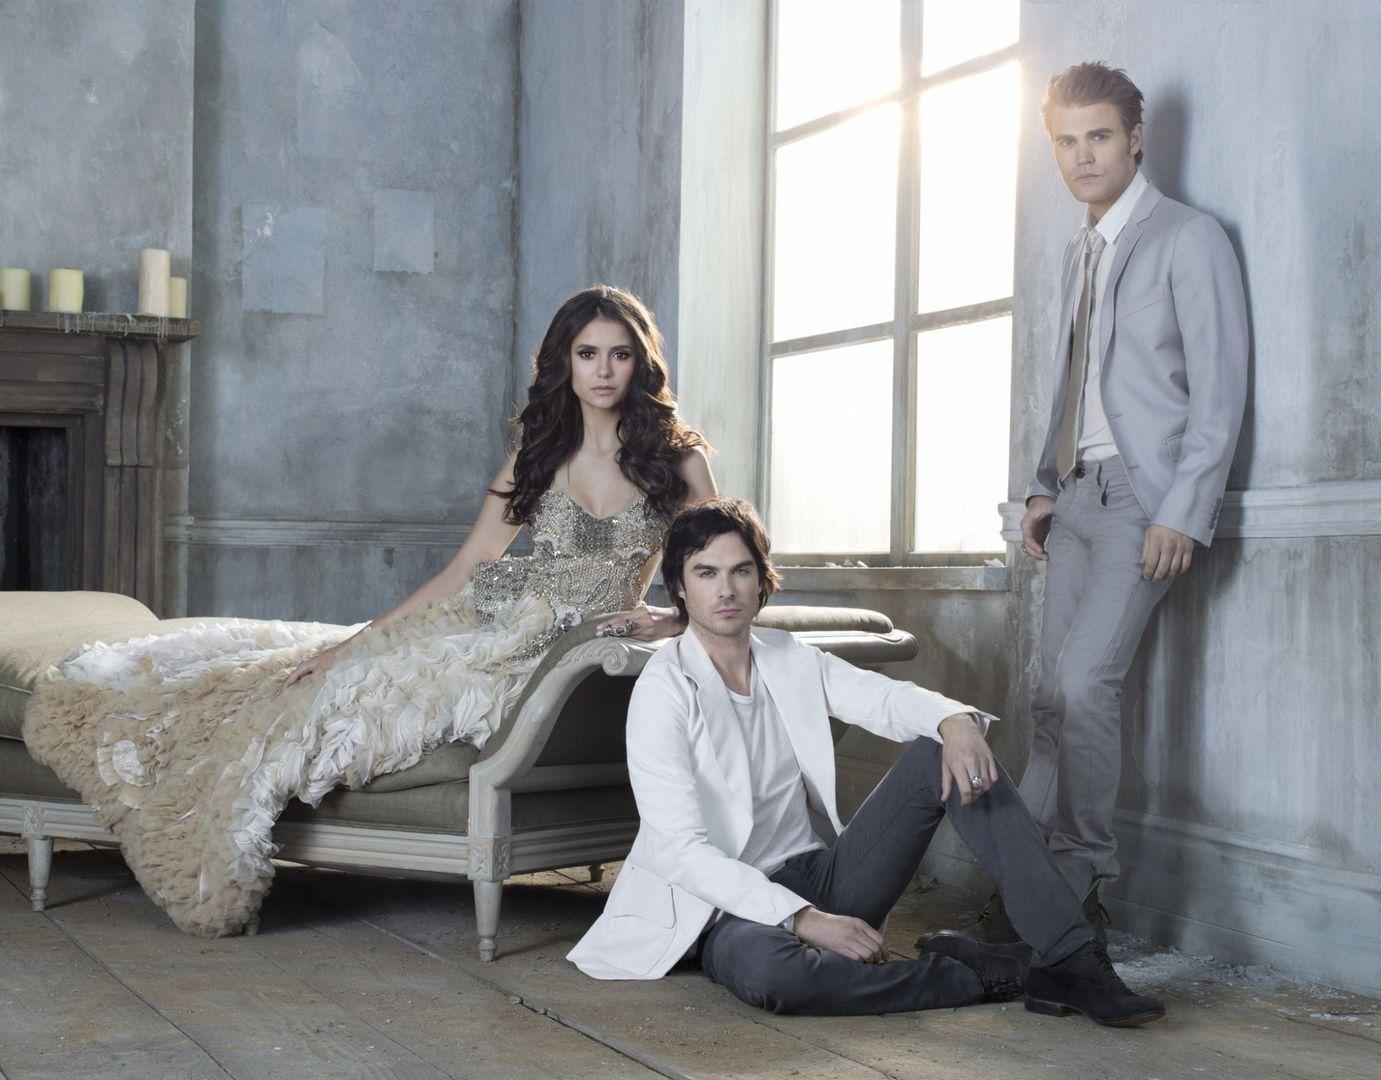 http://4.bp.blogspot.com/-6fhPaMoECwc/TmEIZDScilI/AAAAAAAAAJU/W4Vp9dc_mE4/s1600/season3.jpg